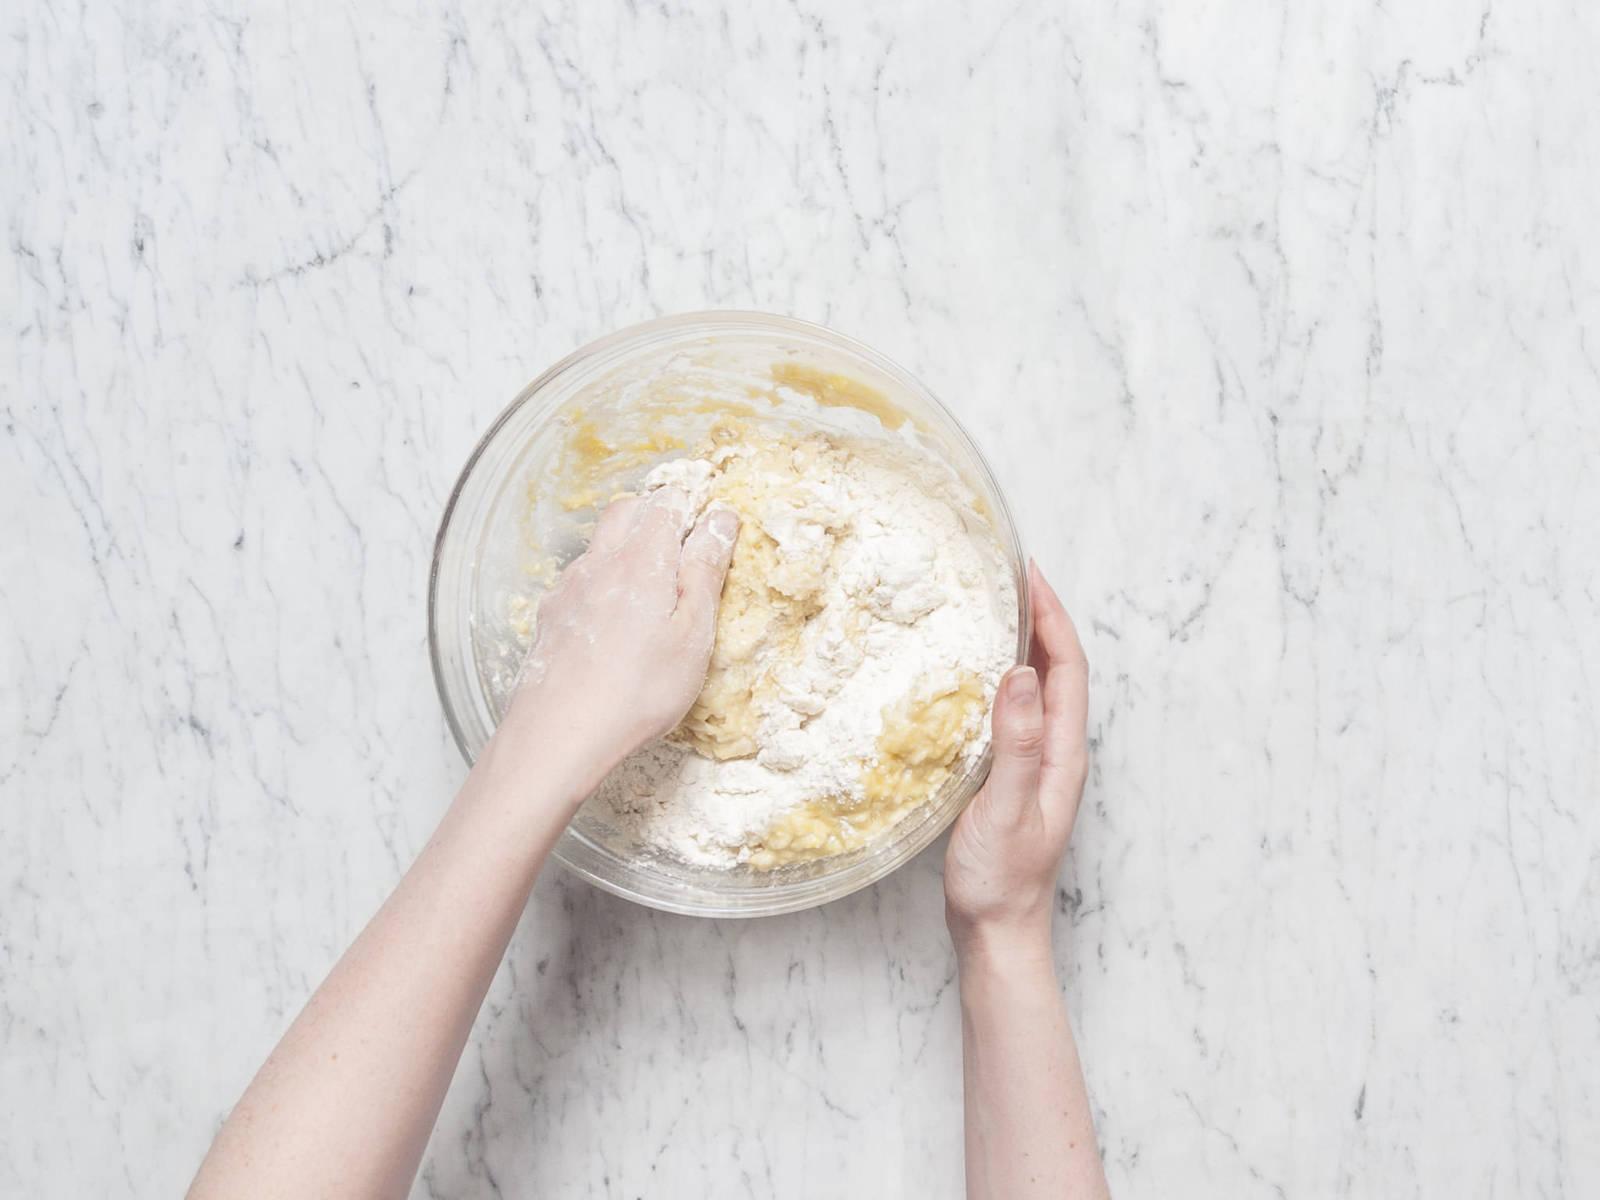 在小平底锅中融化些许黄油,放凉至室温。撕开香草豆荚,挖出籽。面团发酵好后,打入鸡蛋,放入剩余的糖、融化好的黄油、酪乳、些许牛奶、盐和半份香草籽,搅拌均匀。用手将面团揉至软滑。撒上面粉,放回碗中,盖好厨房纸,再次让其在温和出发酵60分钟。